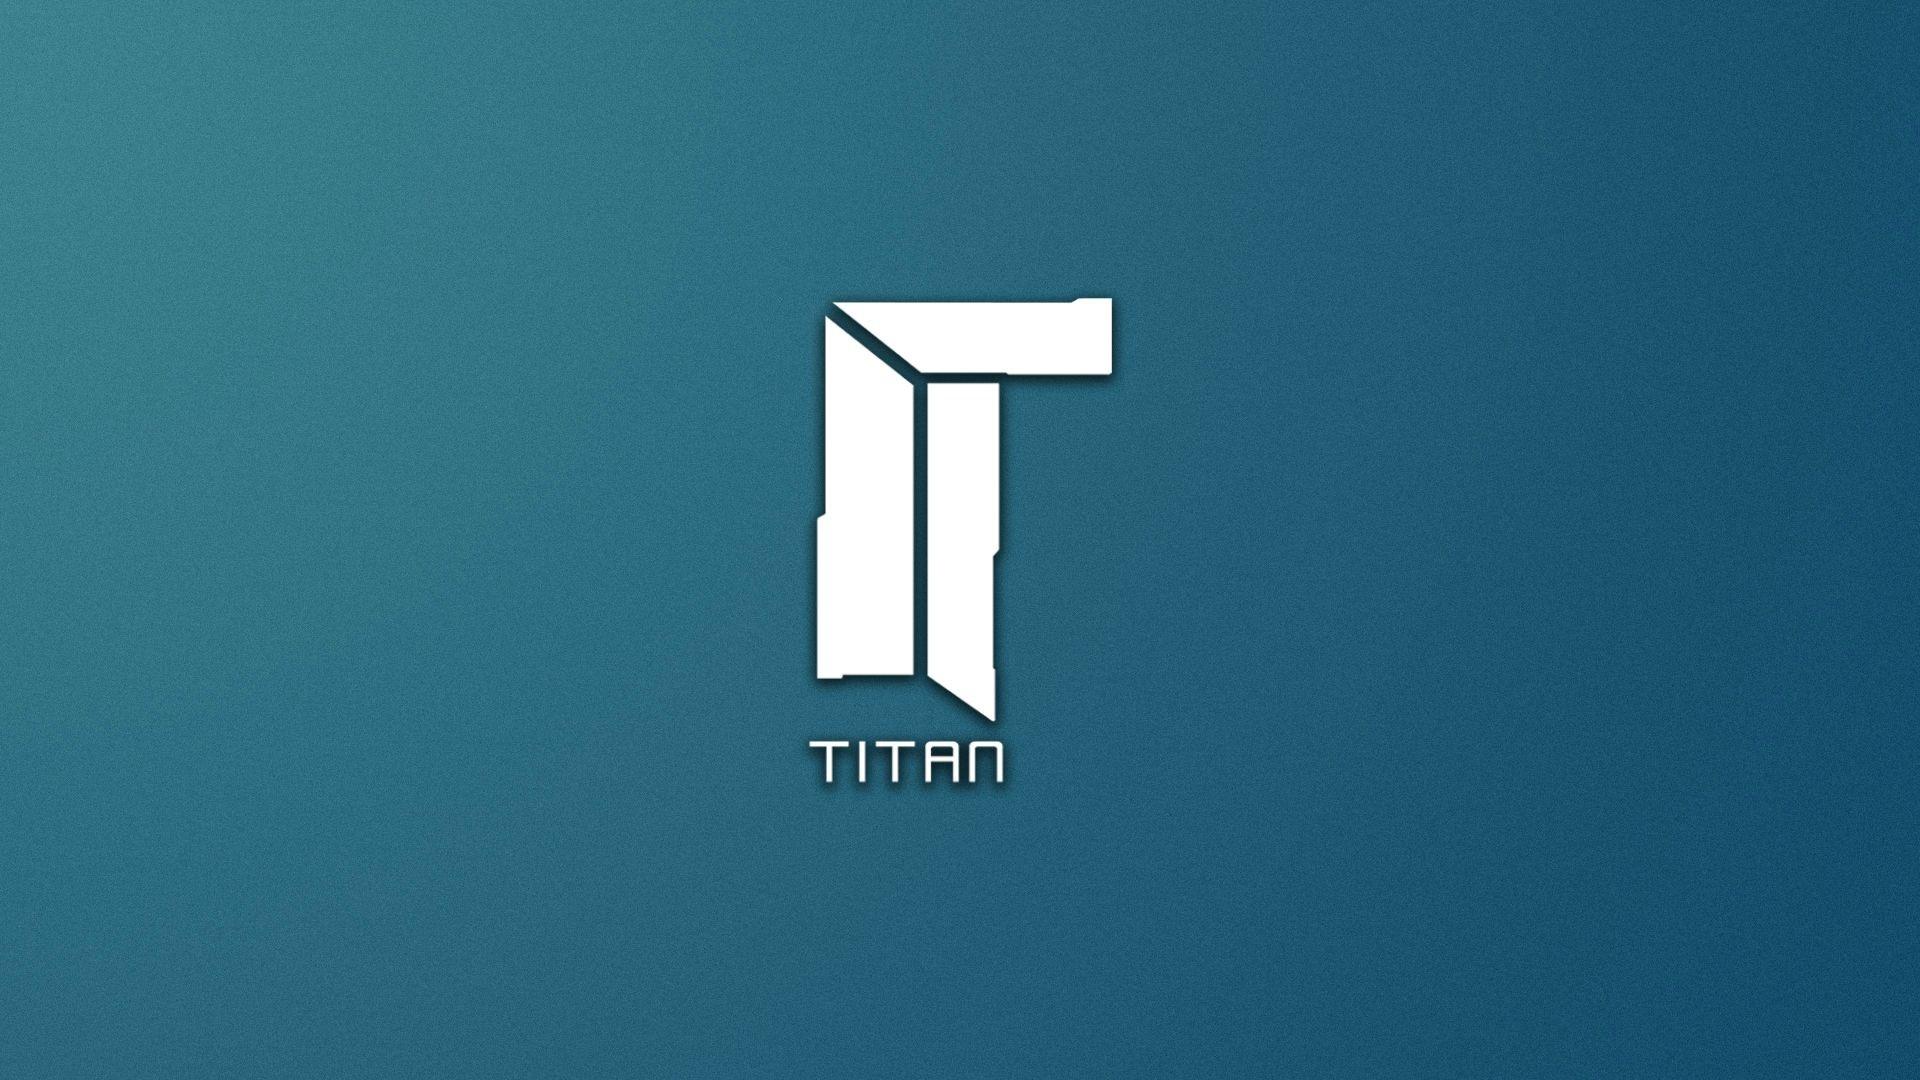 Titan Wallpaper